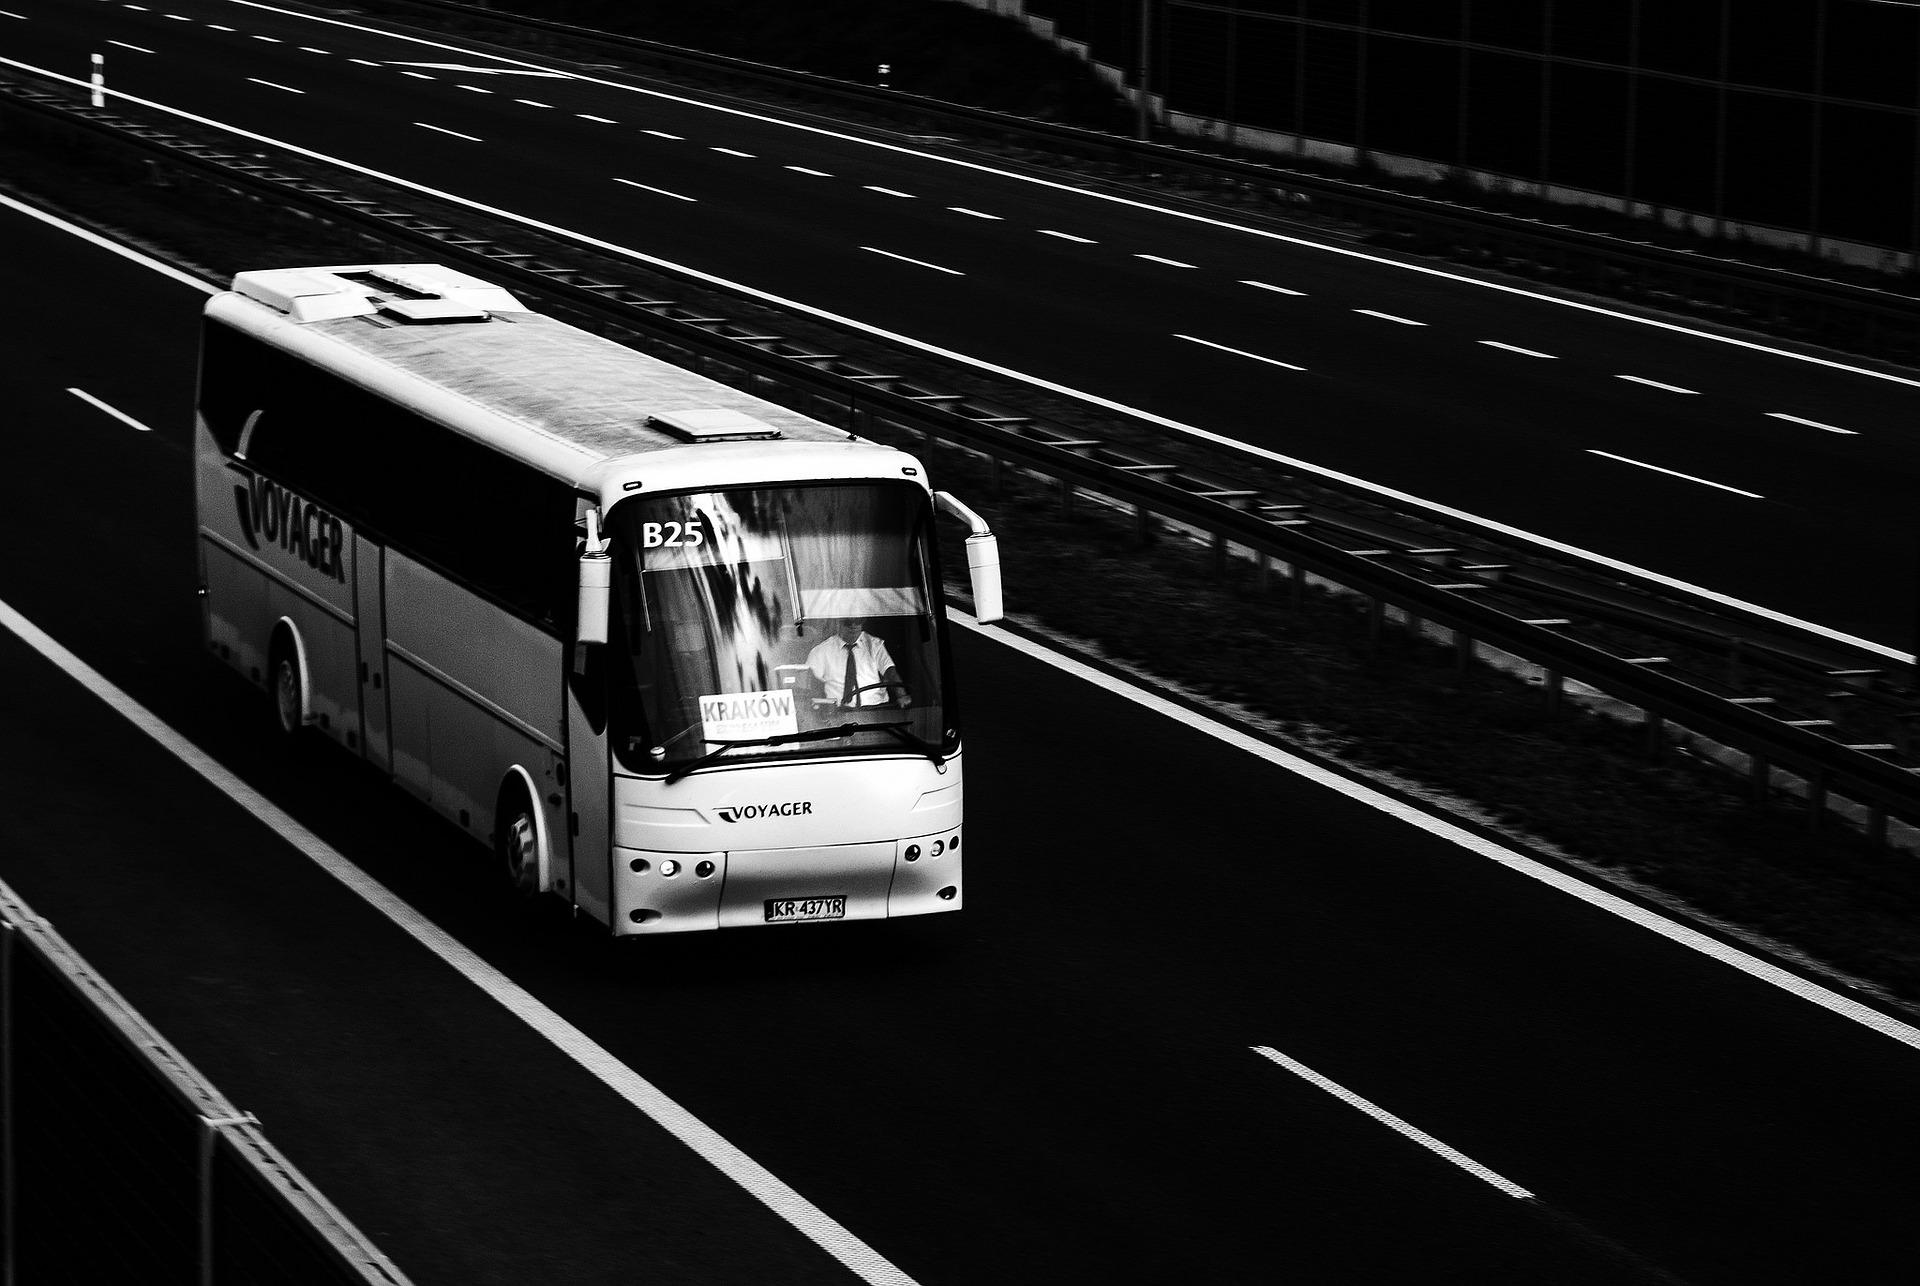 Marketing i transport publiczny/komunikacja miejska